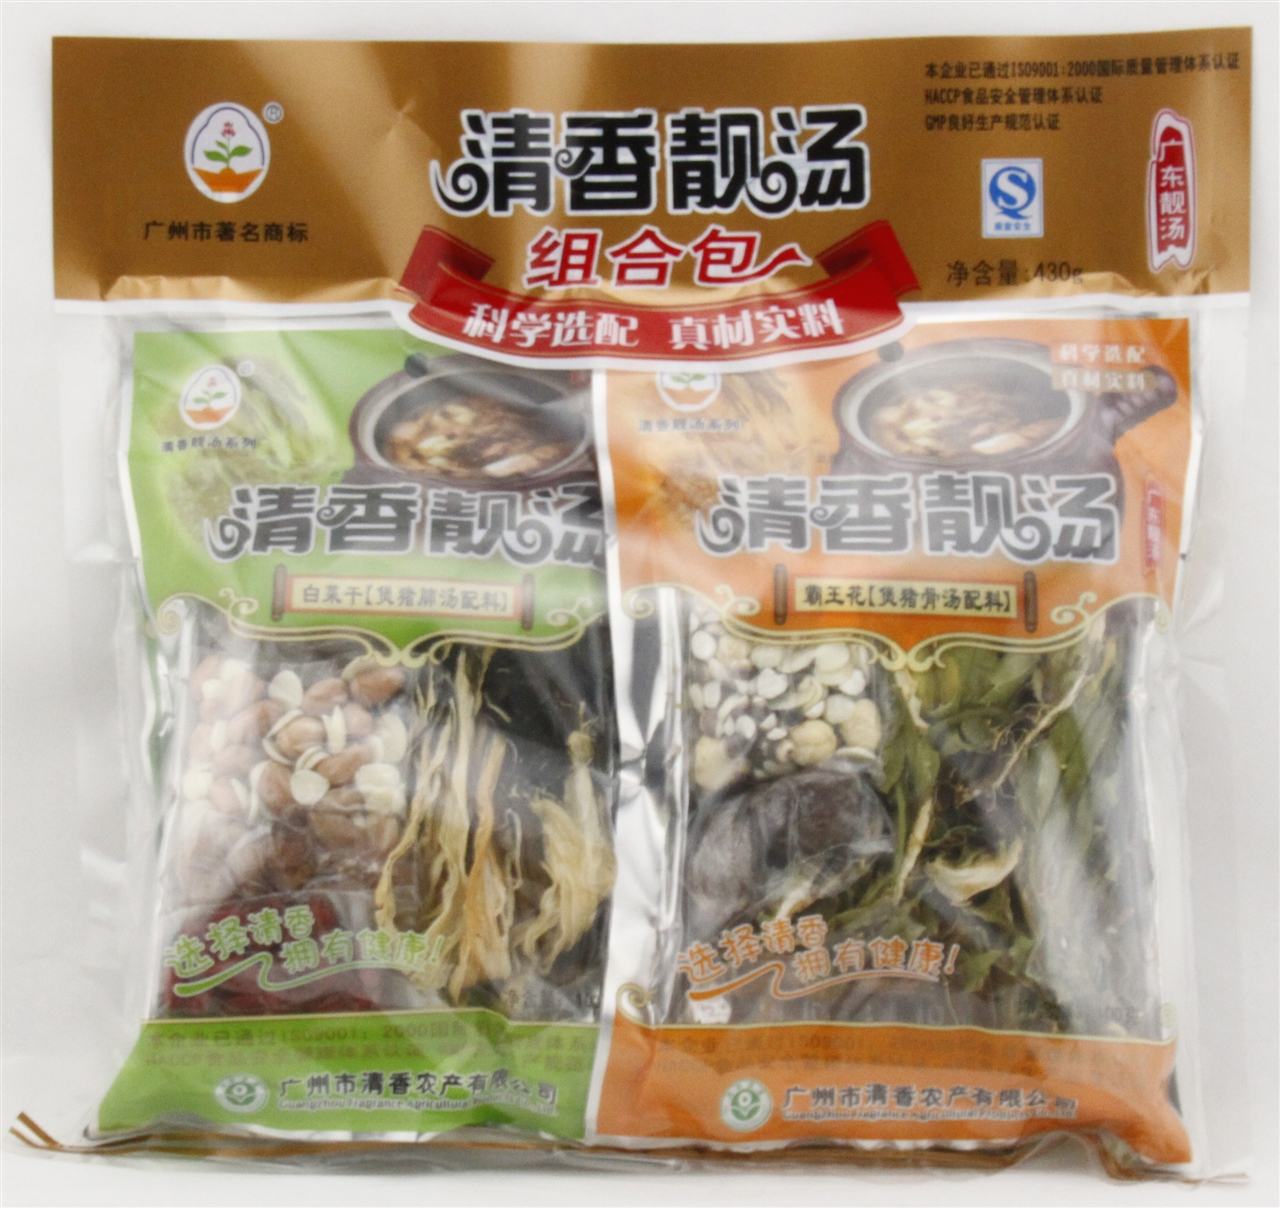 粤清香组合汤料(白菜干、霸王花、苦瓜干、西洋菜干)